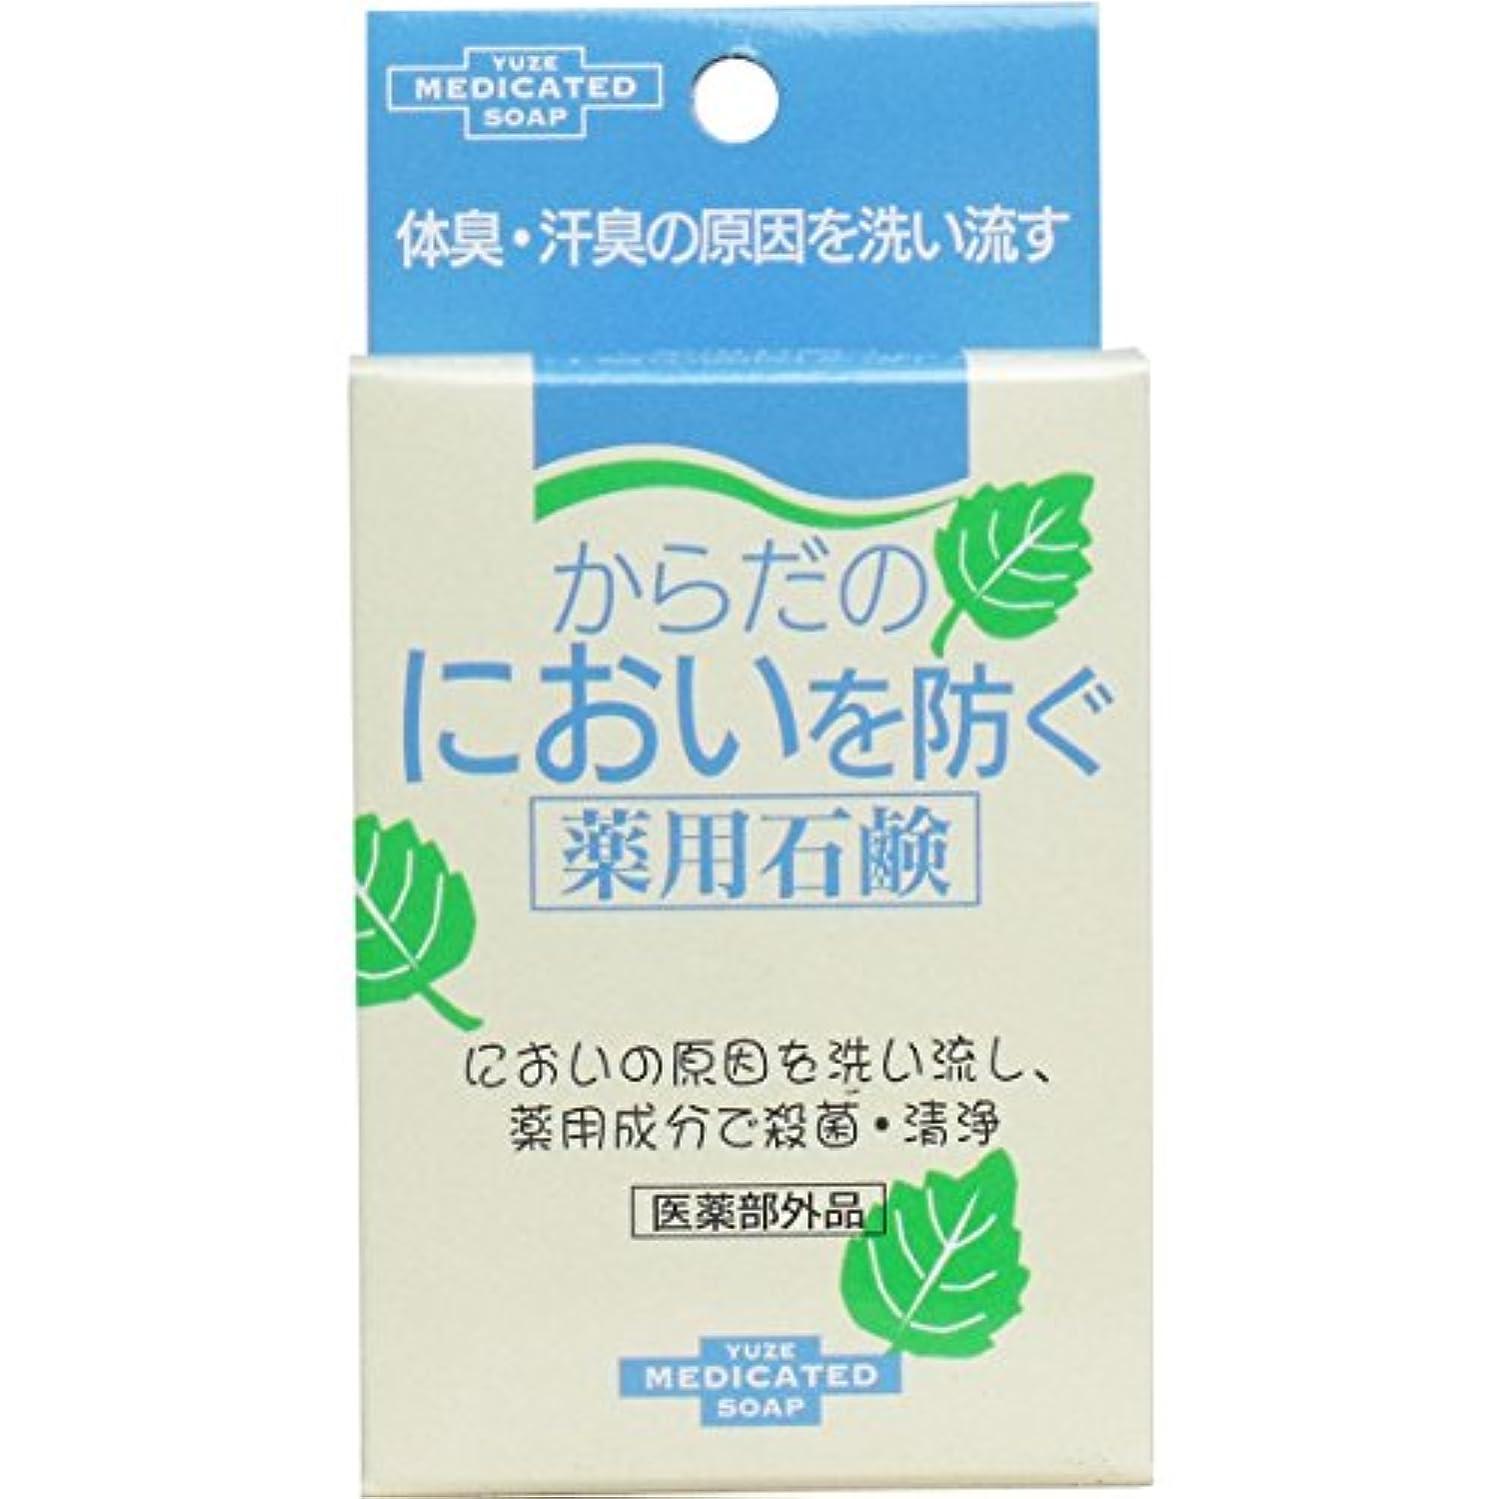 軽減する棚保存するユゼ からだのにおいを防ぐ薬用石鹸 7セット